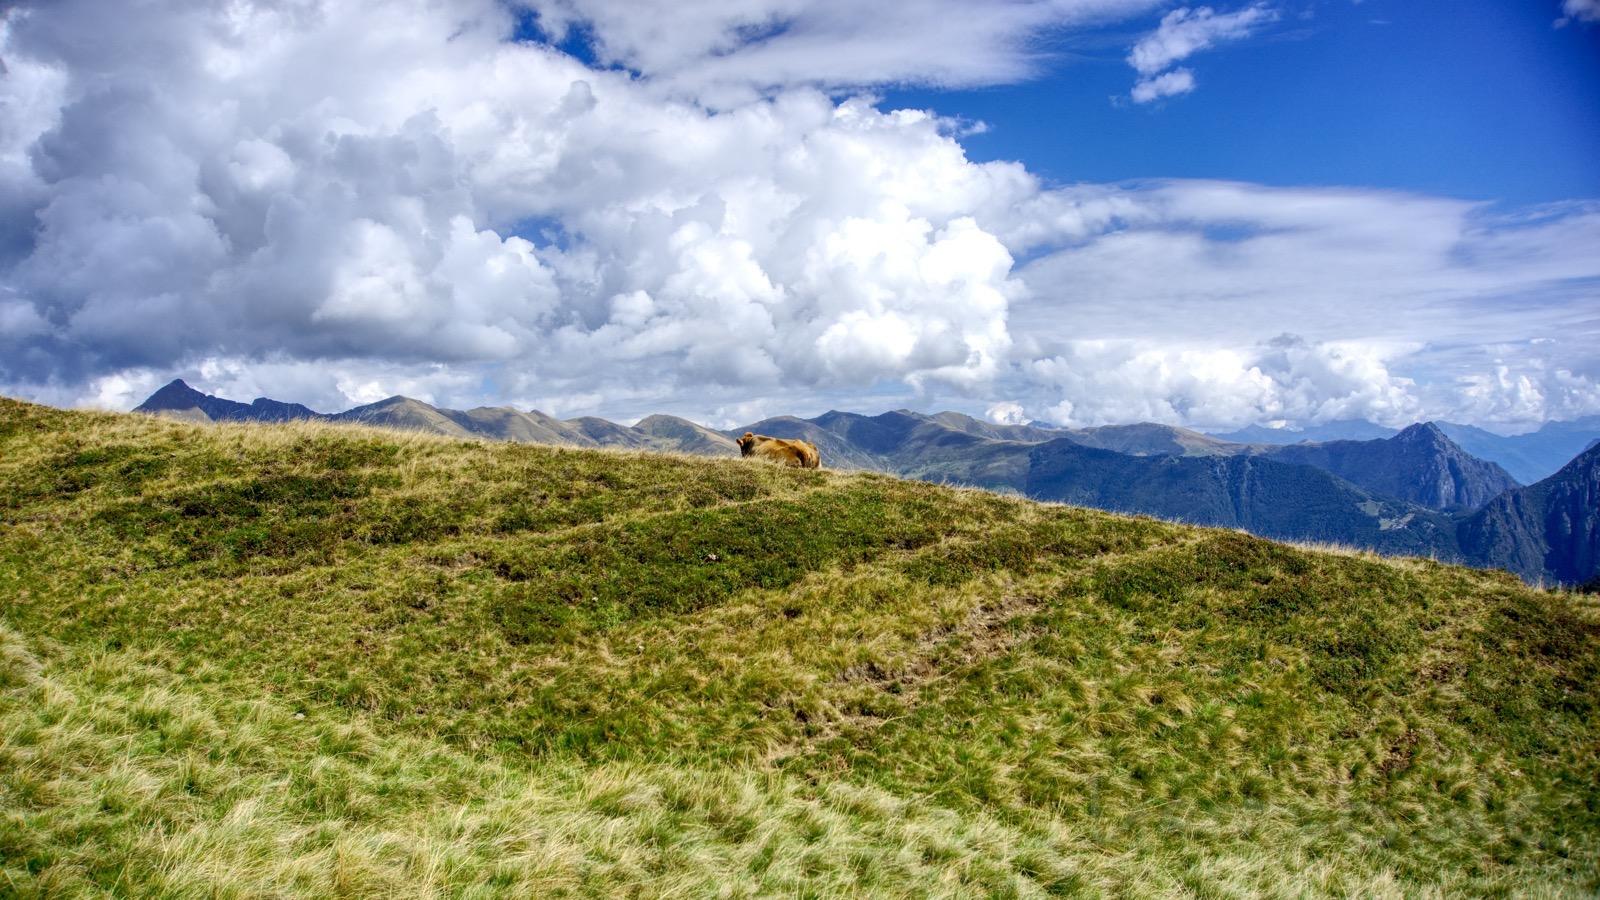 Kuh kurz hinter der italienischen Grenze genießt die Aussicht.